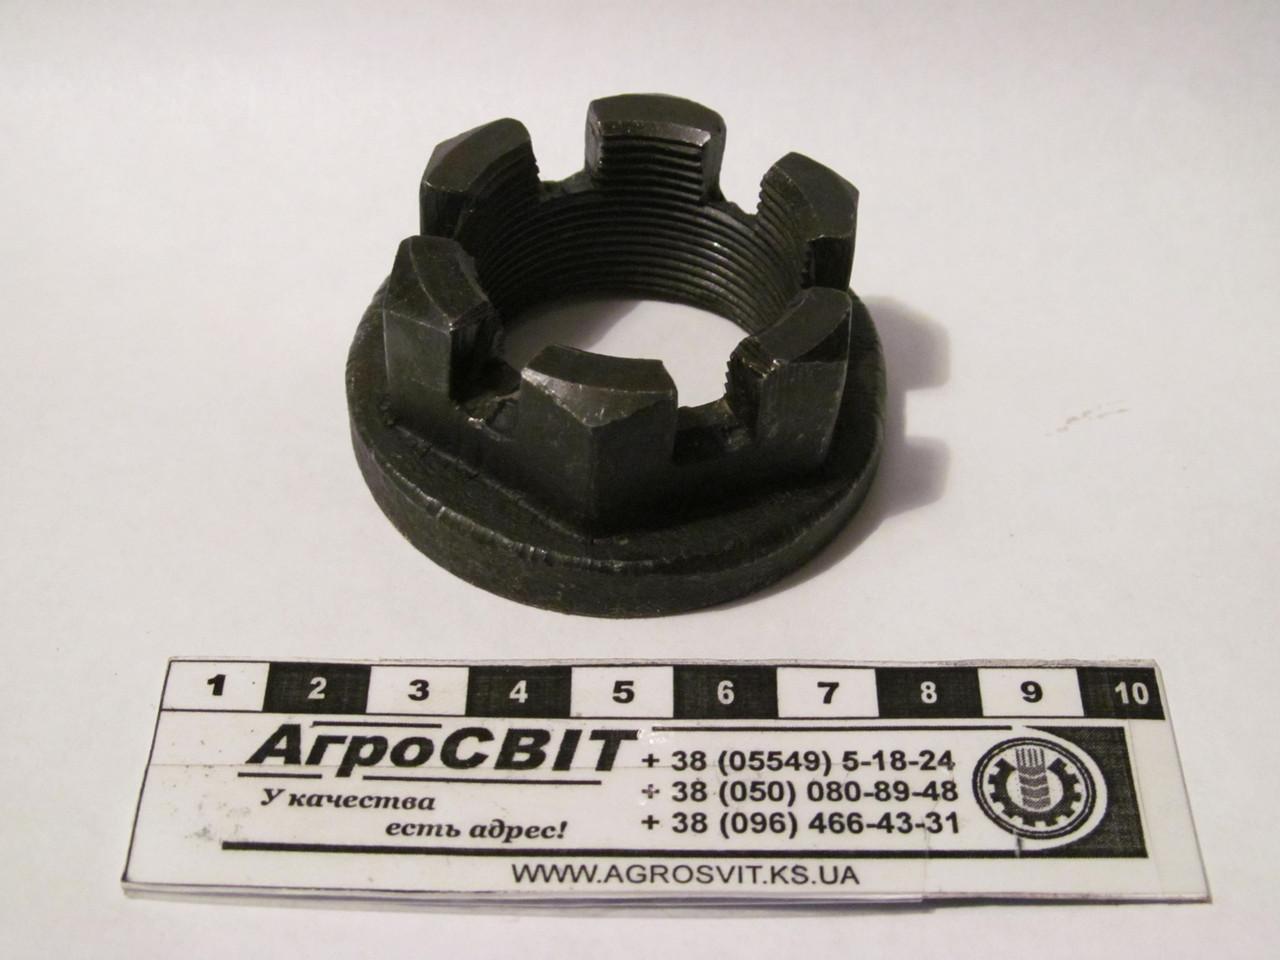 Гайка корончатая М36х1,5; кат. № 50-1701253 (Украина)